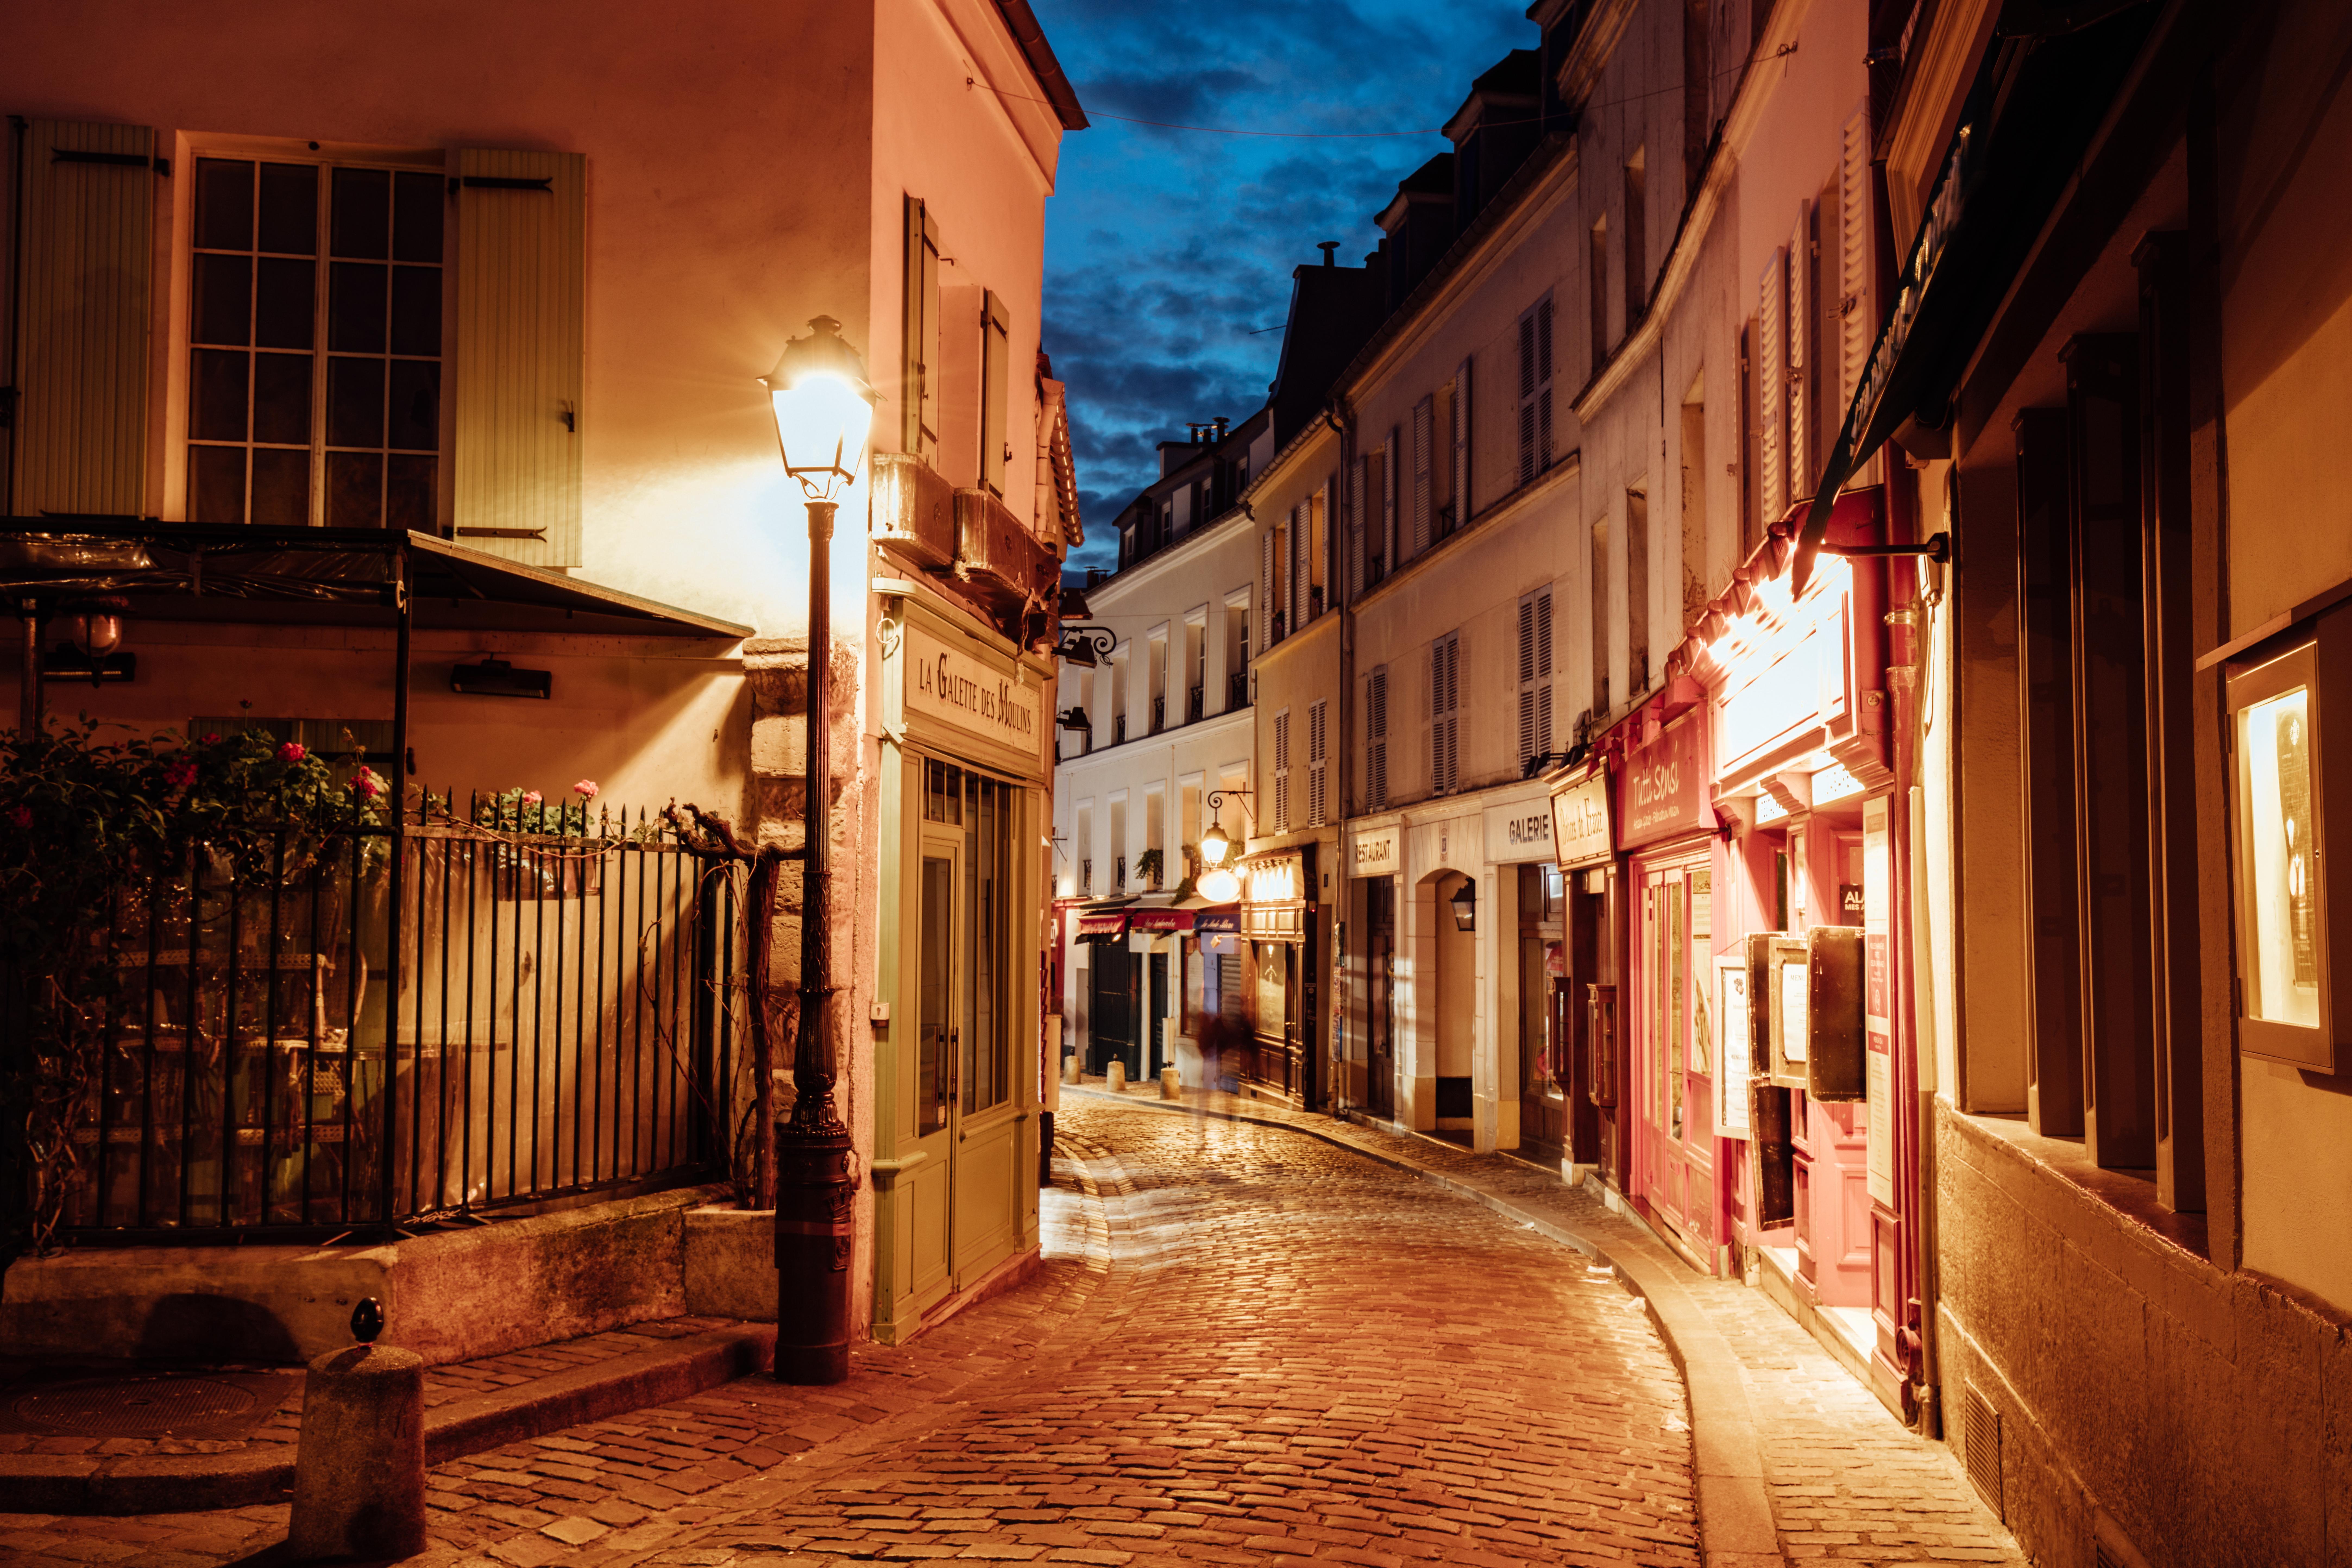 Bienvenido al balcón de París - Francia Circuito París y Países Bajos